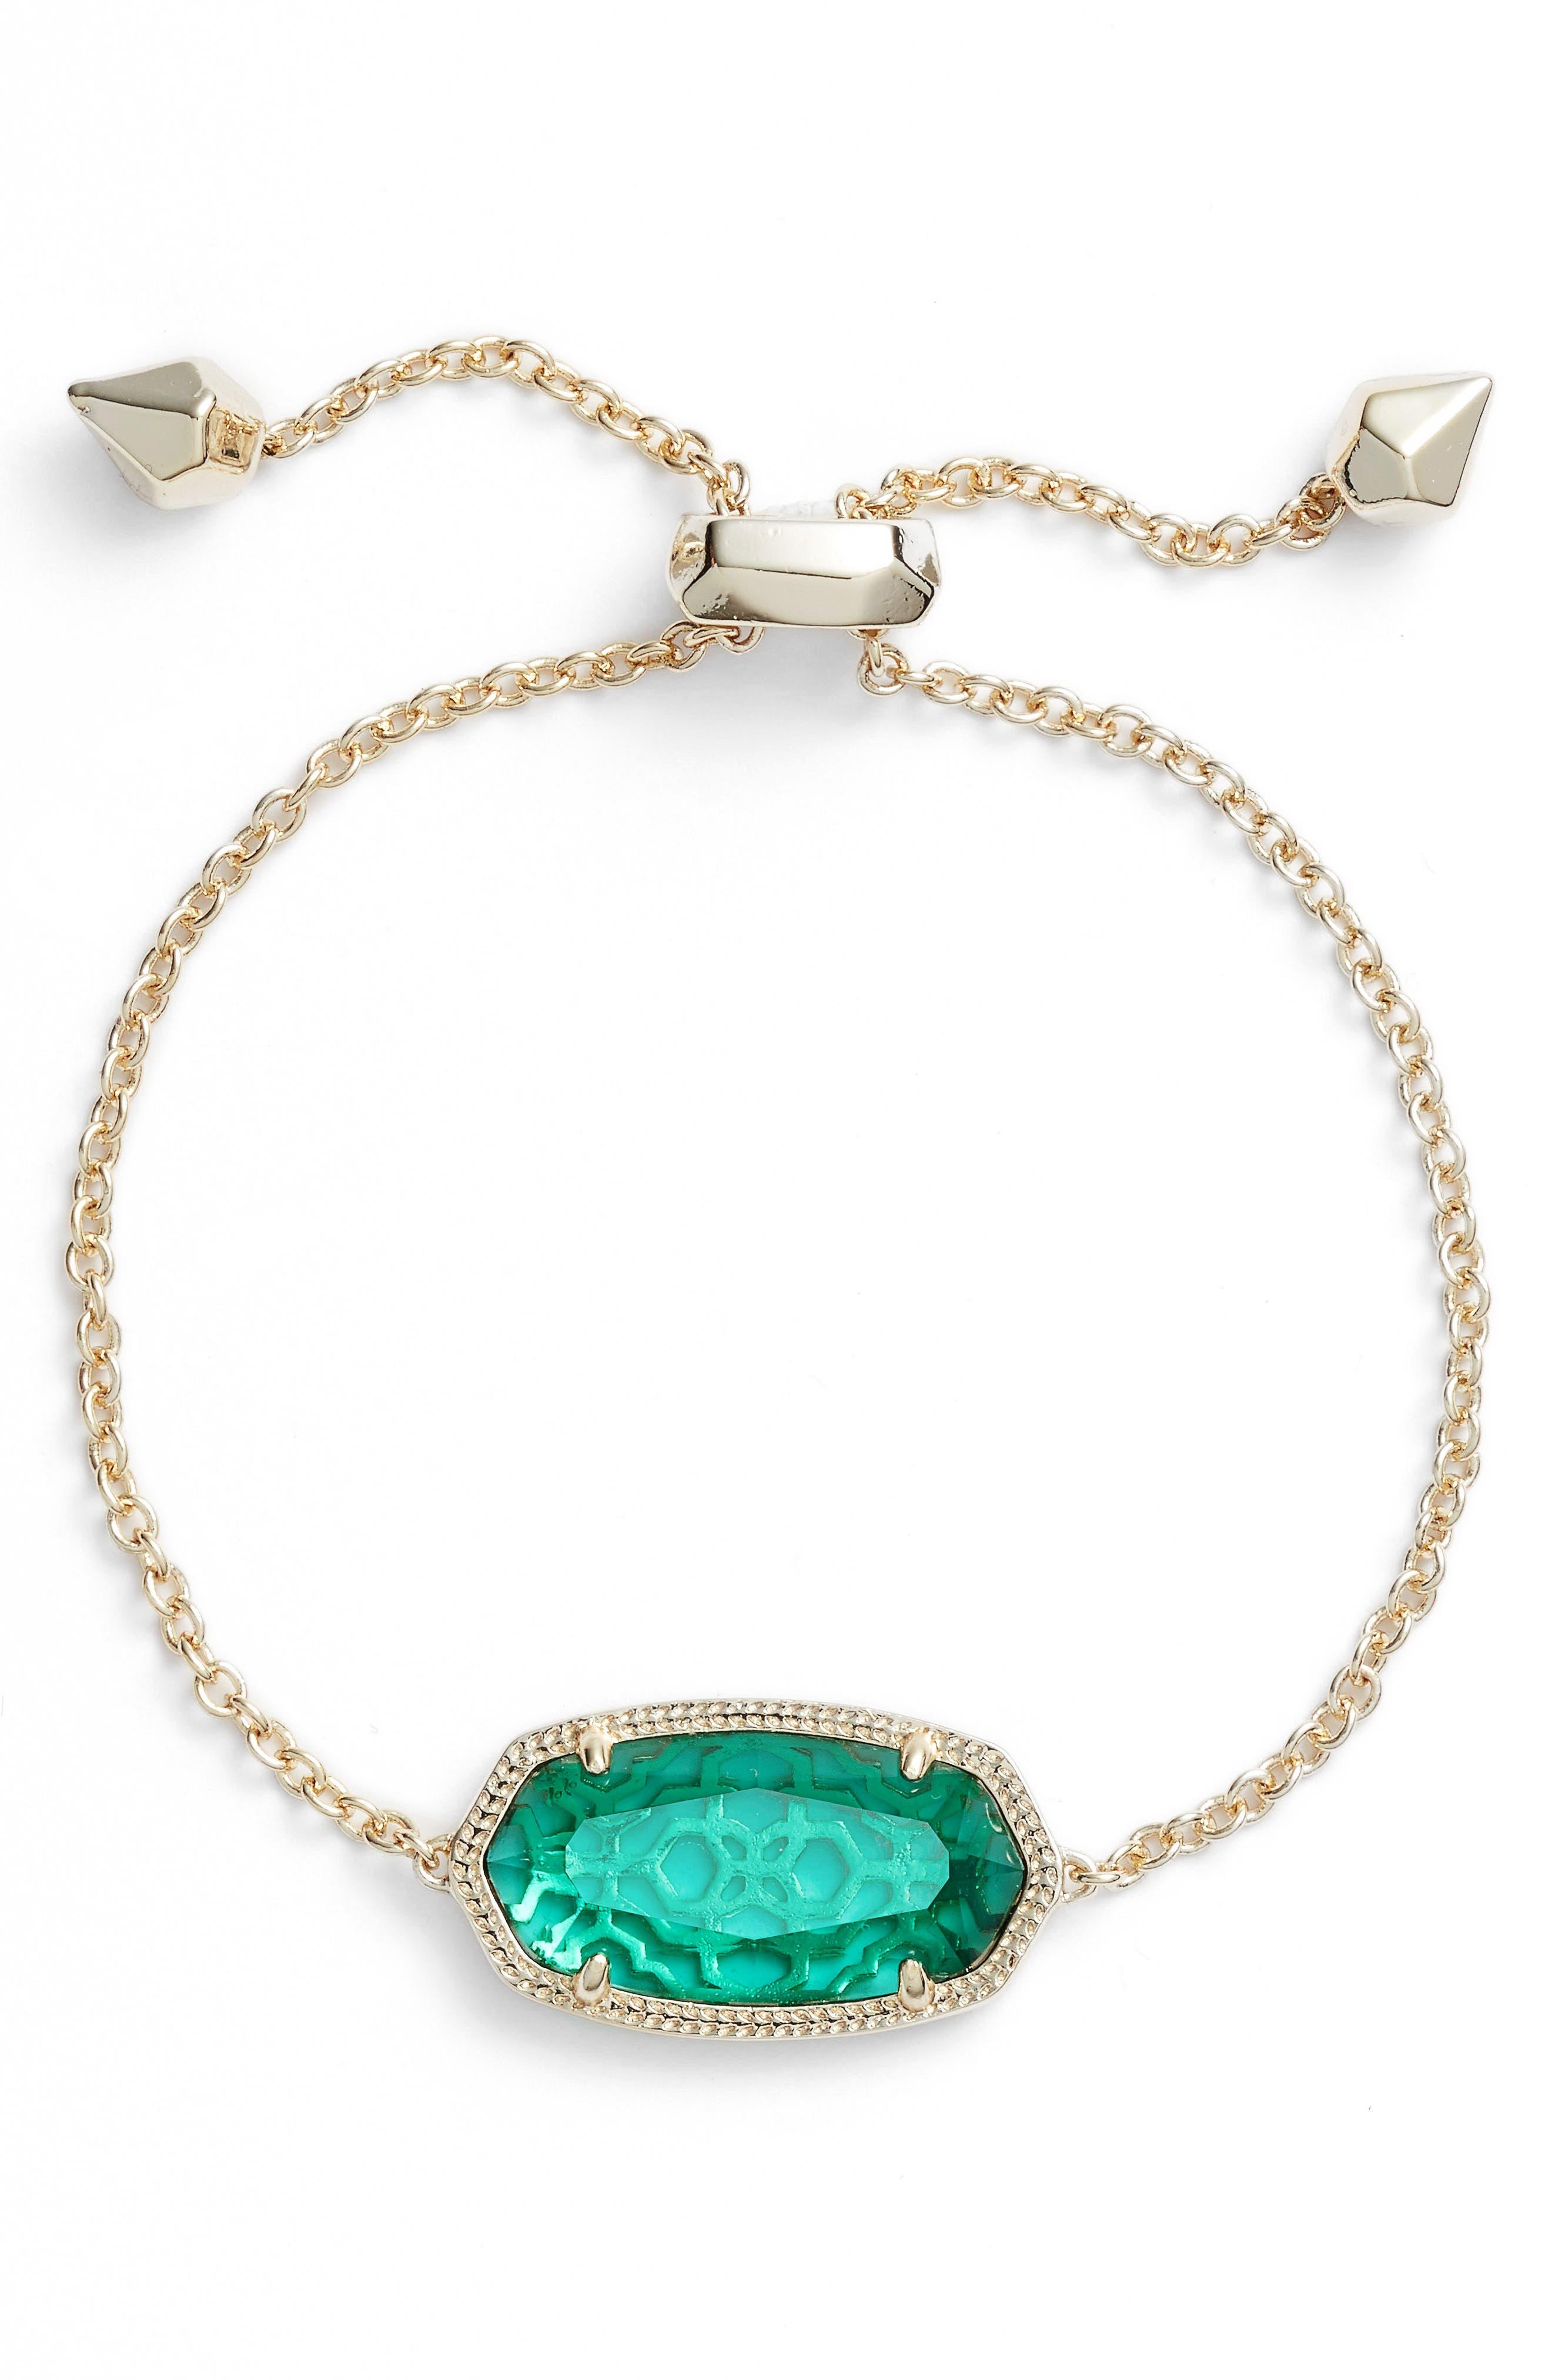 Kendra Scott Daisy Station Bracelet